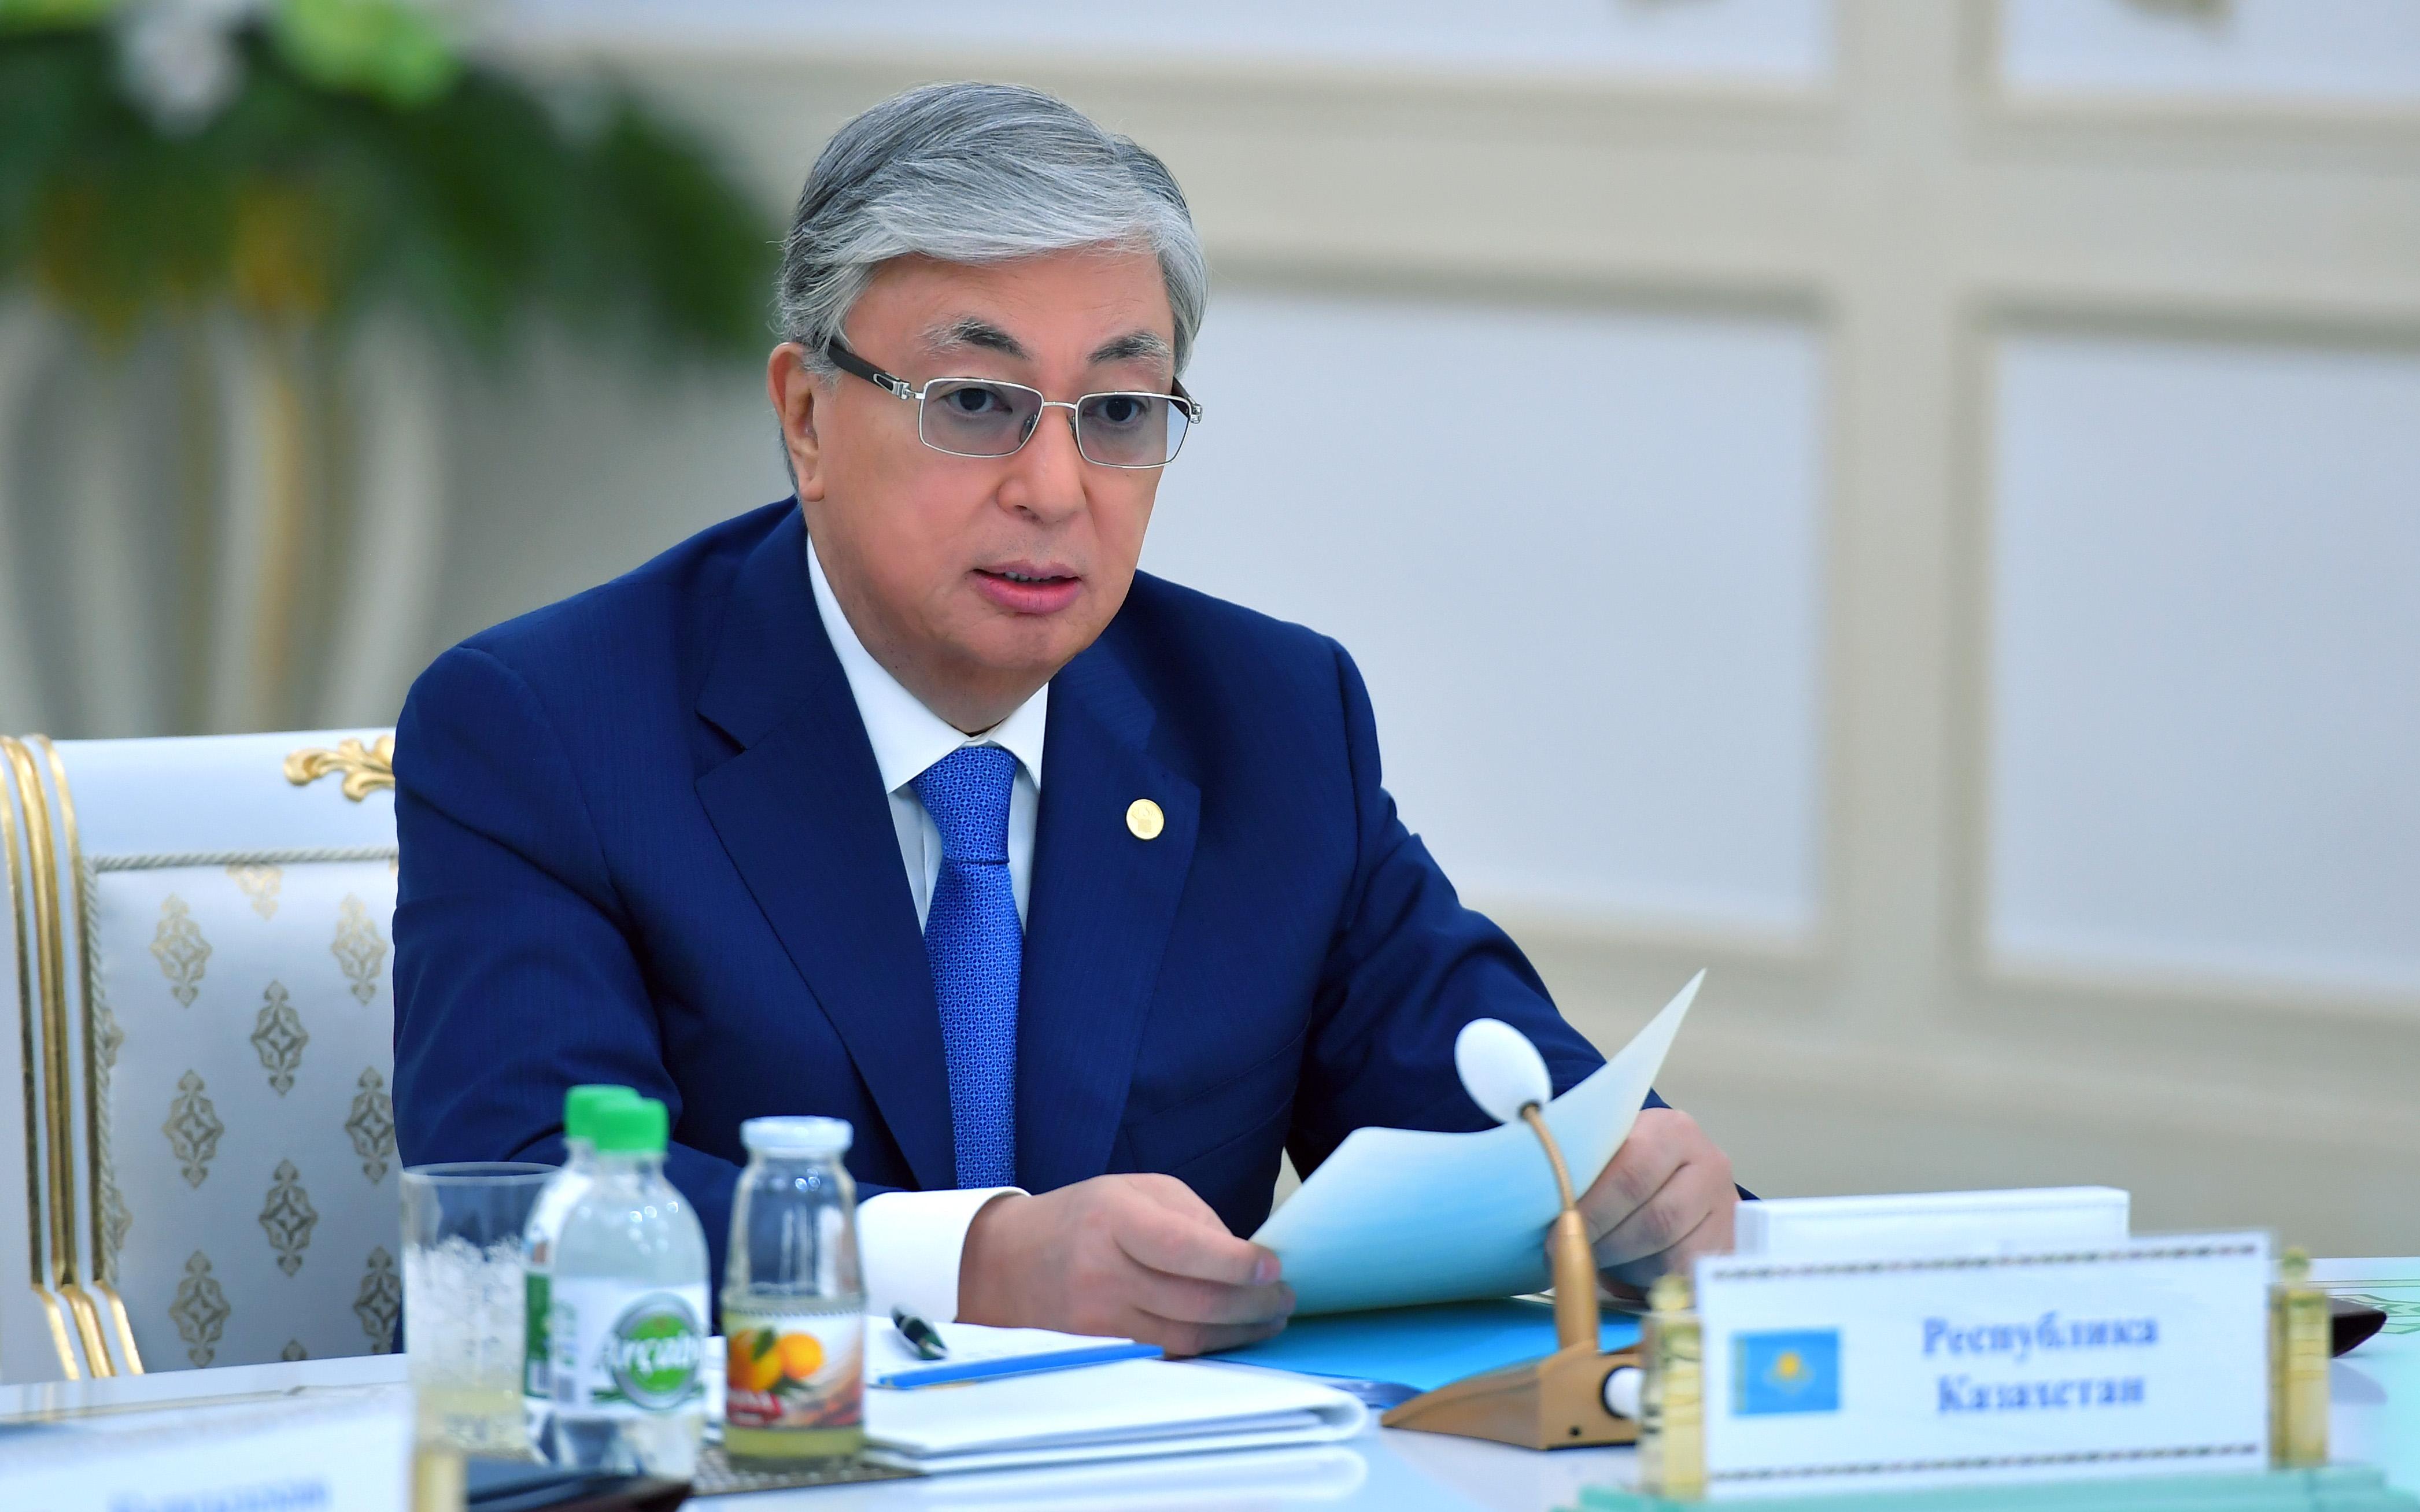 649180c464f2b94953c35ea2e9f294e9 - Tokayev will continue Nazarbayev's program of structural modernization of the CIS